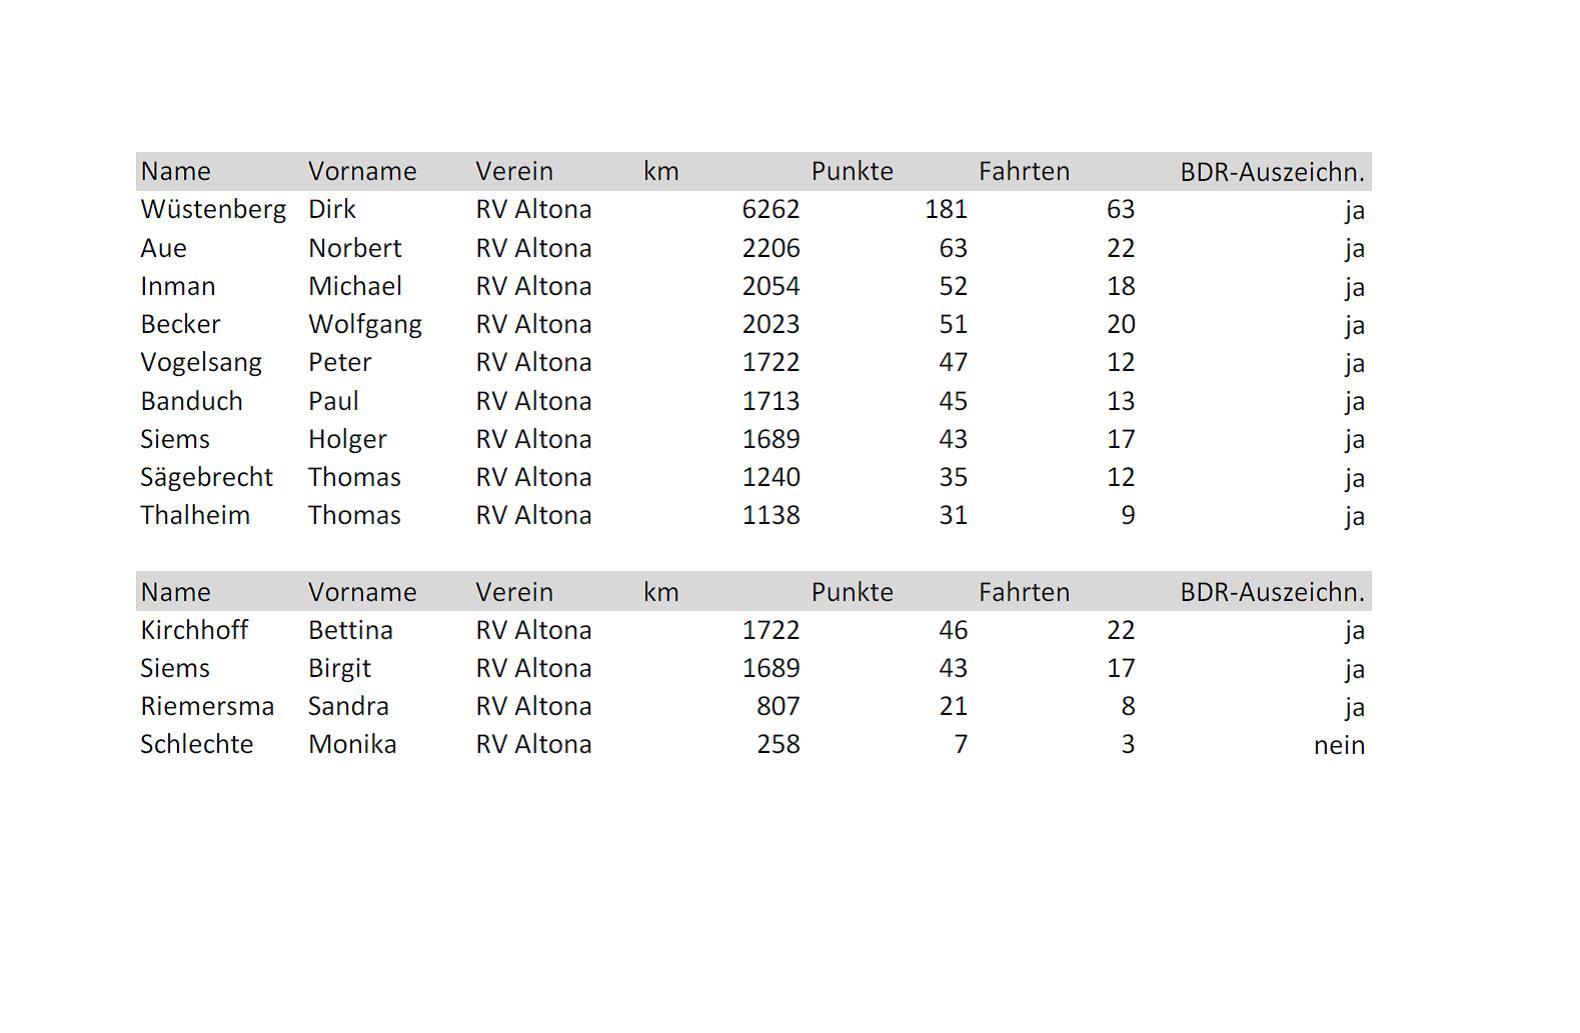 Punktetabelle aller abgegebenen Wertungskarten von Mitgliedern des RV Altona.